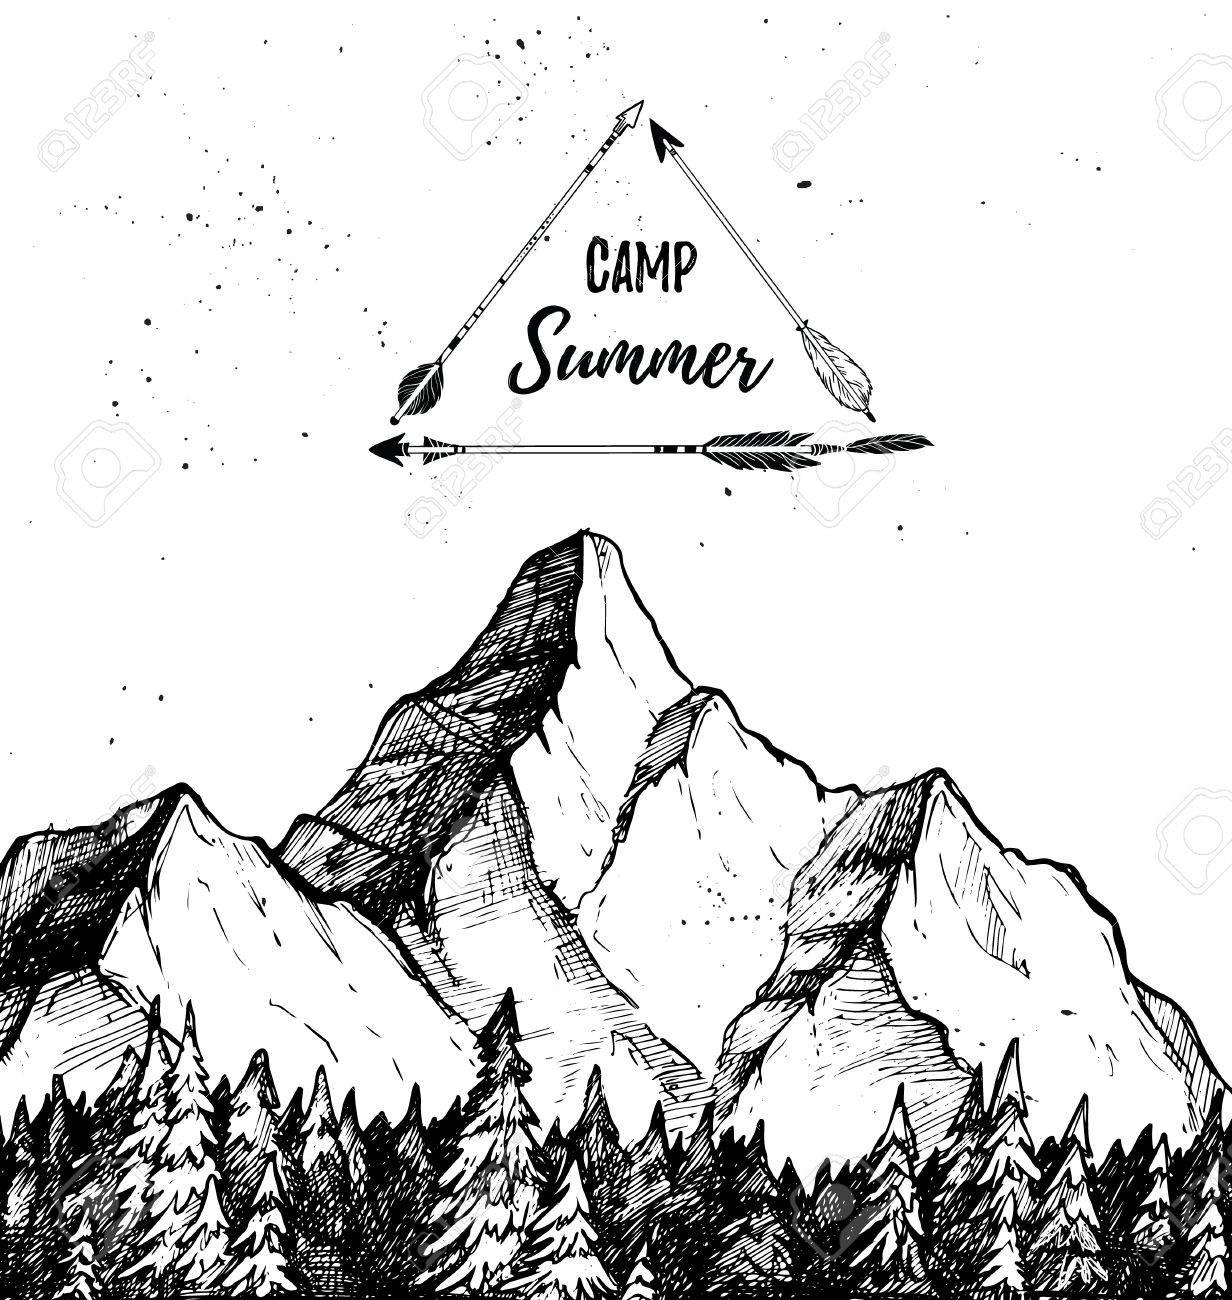 手書きのベクトル イラスト 夏のキャンプ 山と森 風景自然のイラスト素材 ベクタ Image